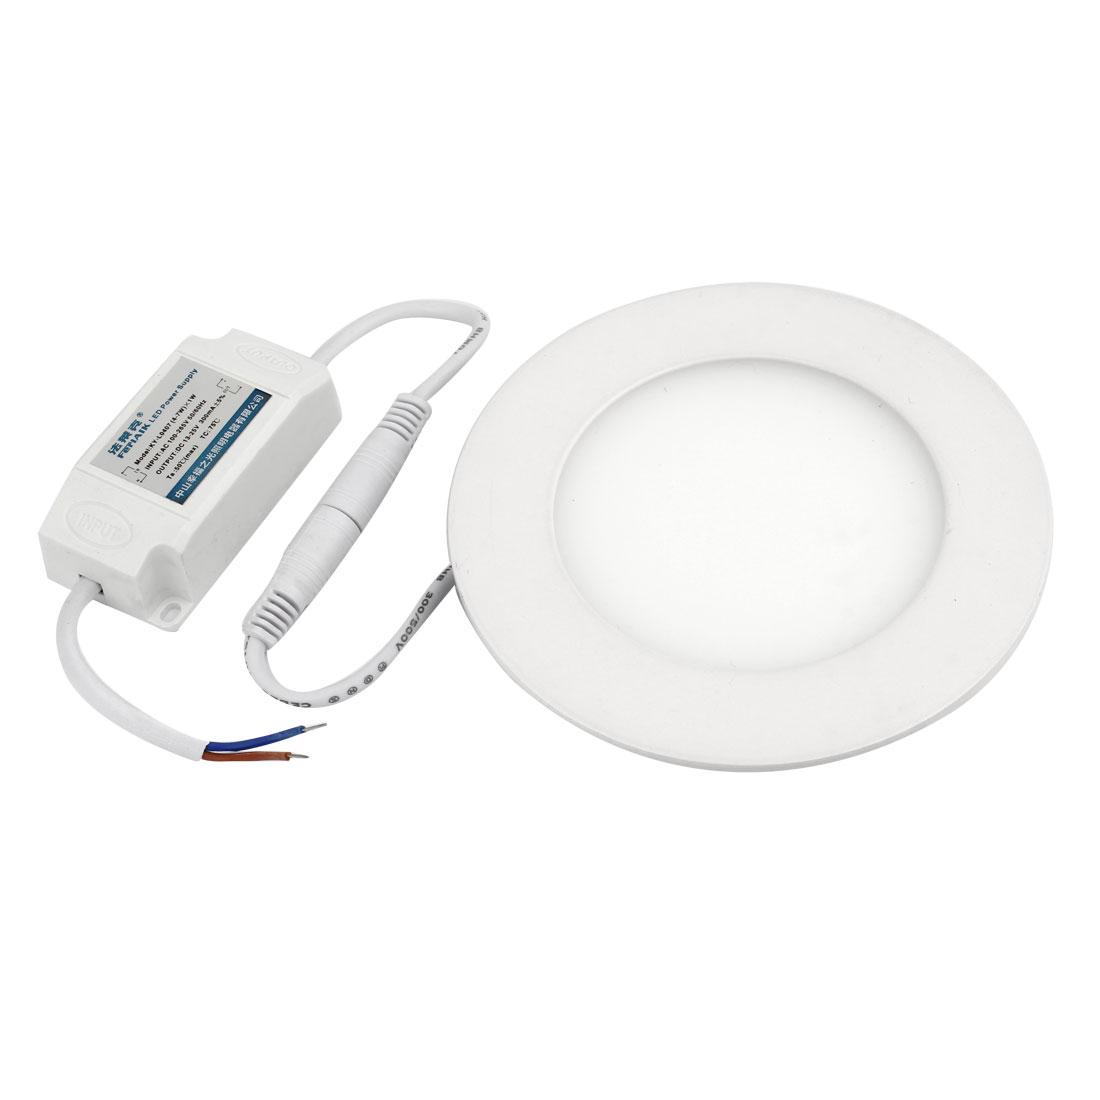 AC 110-265V 6W 30LEDs Round White LED Light Ceiling Panel Downlight Lamp Bulb